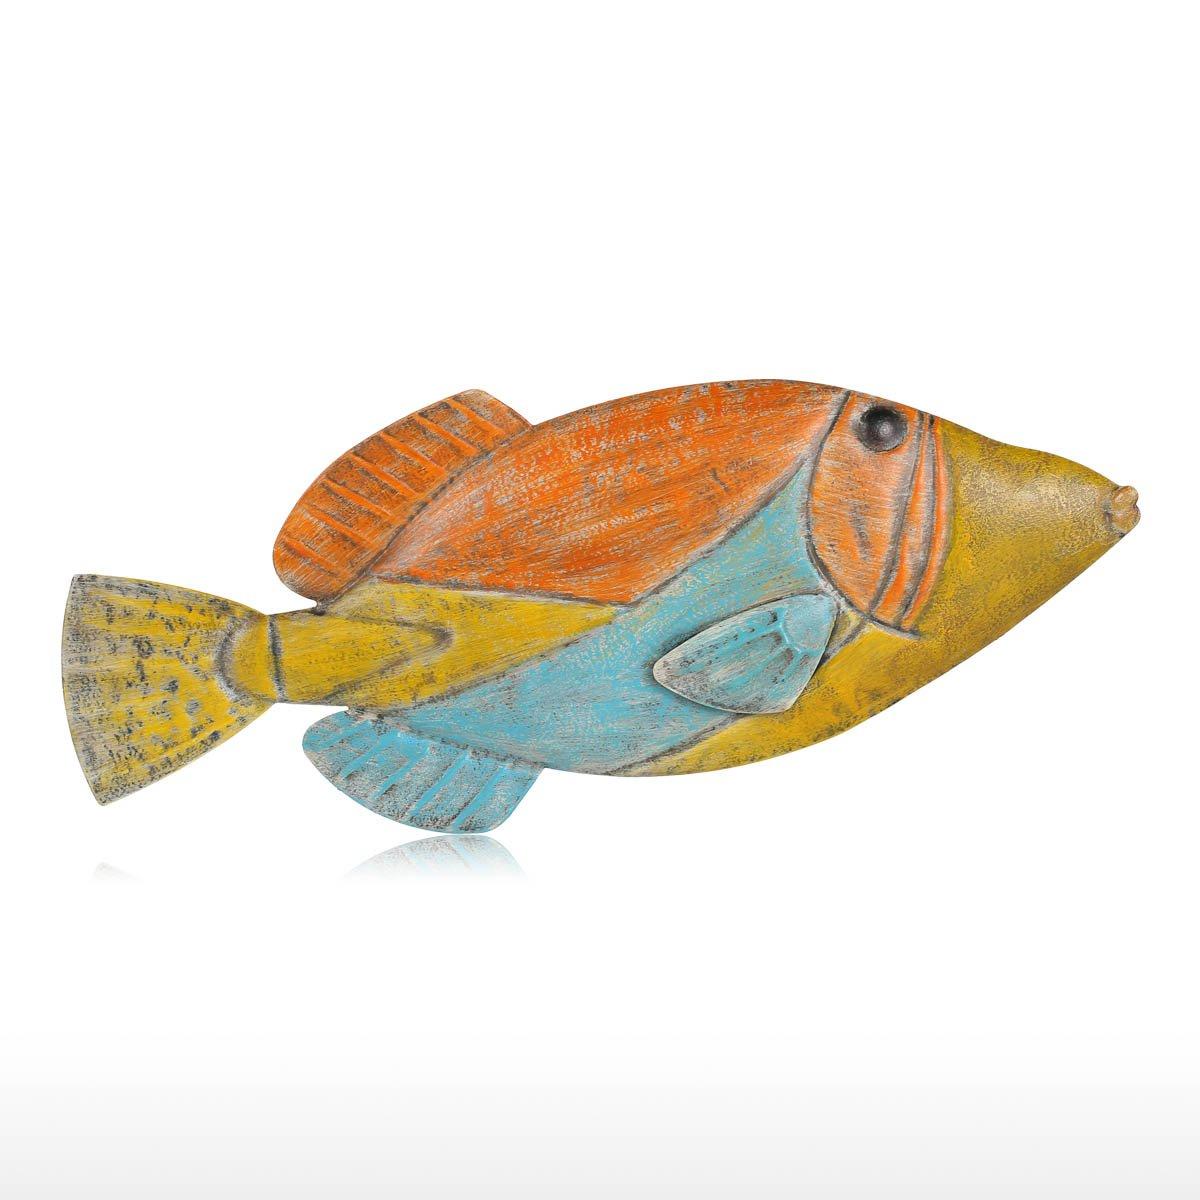 Tooarts Muro di Pesce Appendere 1 Parete di Ferro Decorazione Creativo Ornamento Artigianale Muro di Parete Muro Appeso Vita Marina